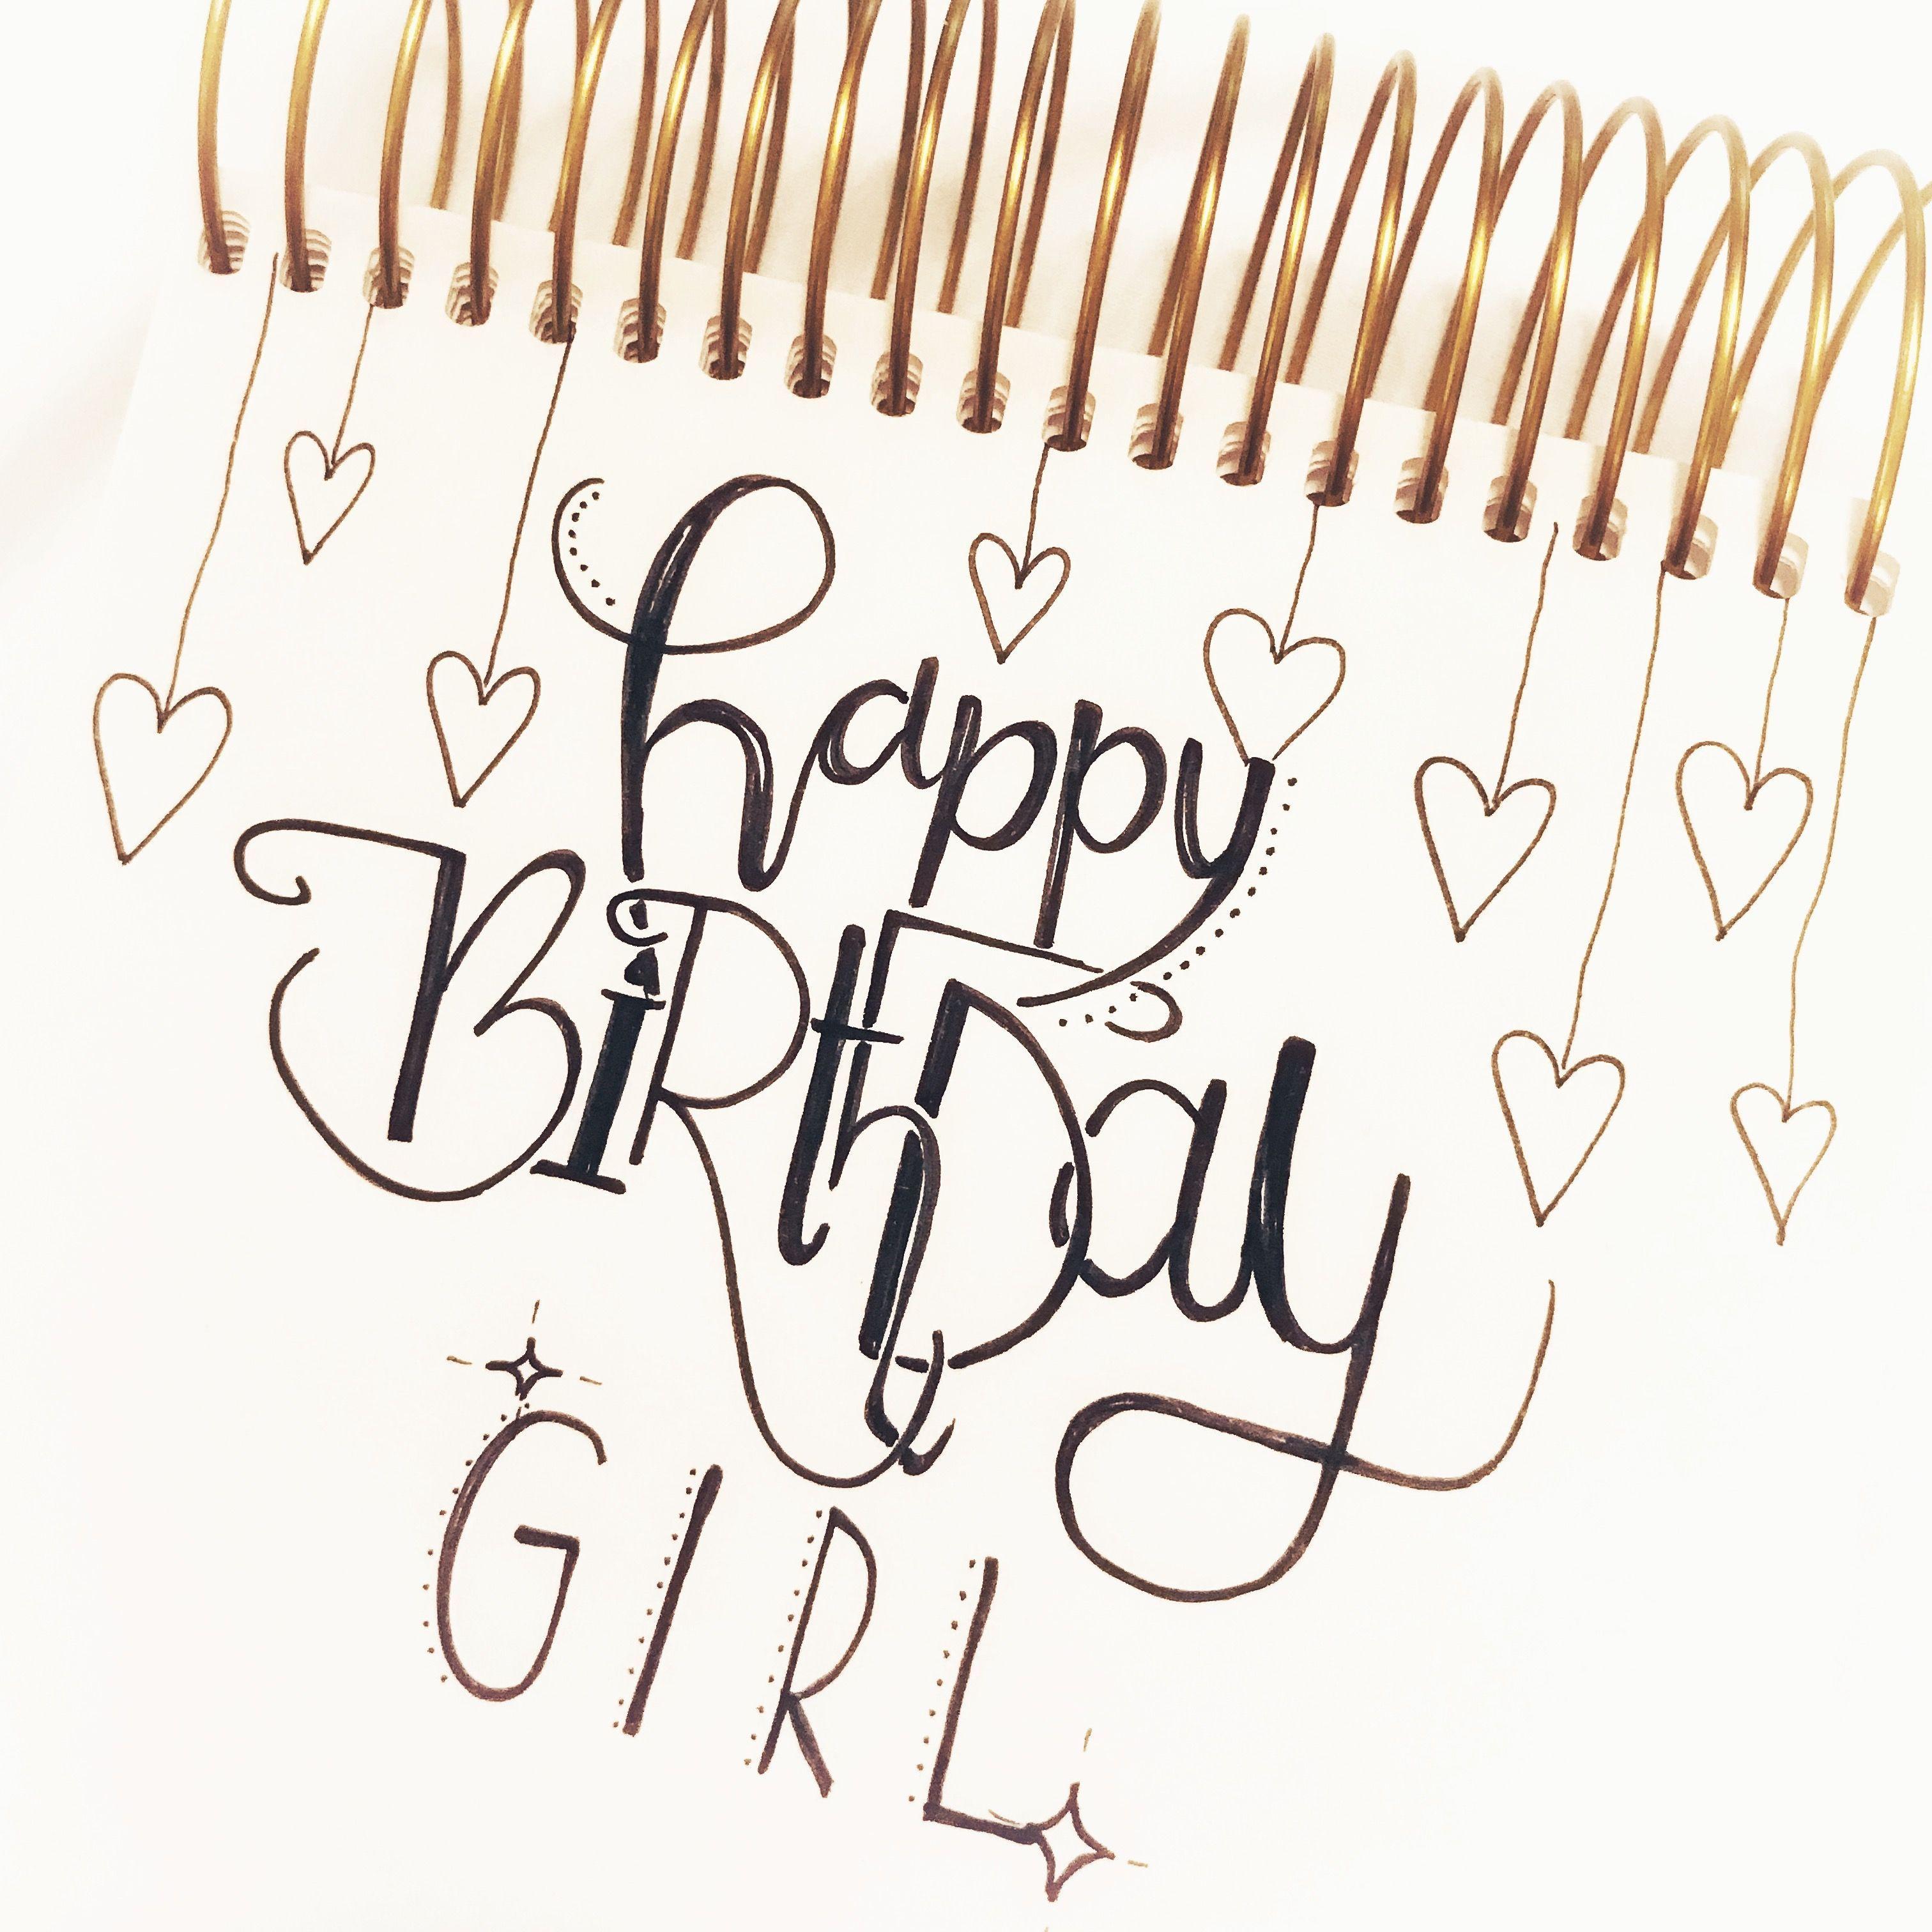 Geburtstag Karte Geburtstagskarte Lettering Brushlettering Happy